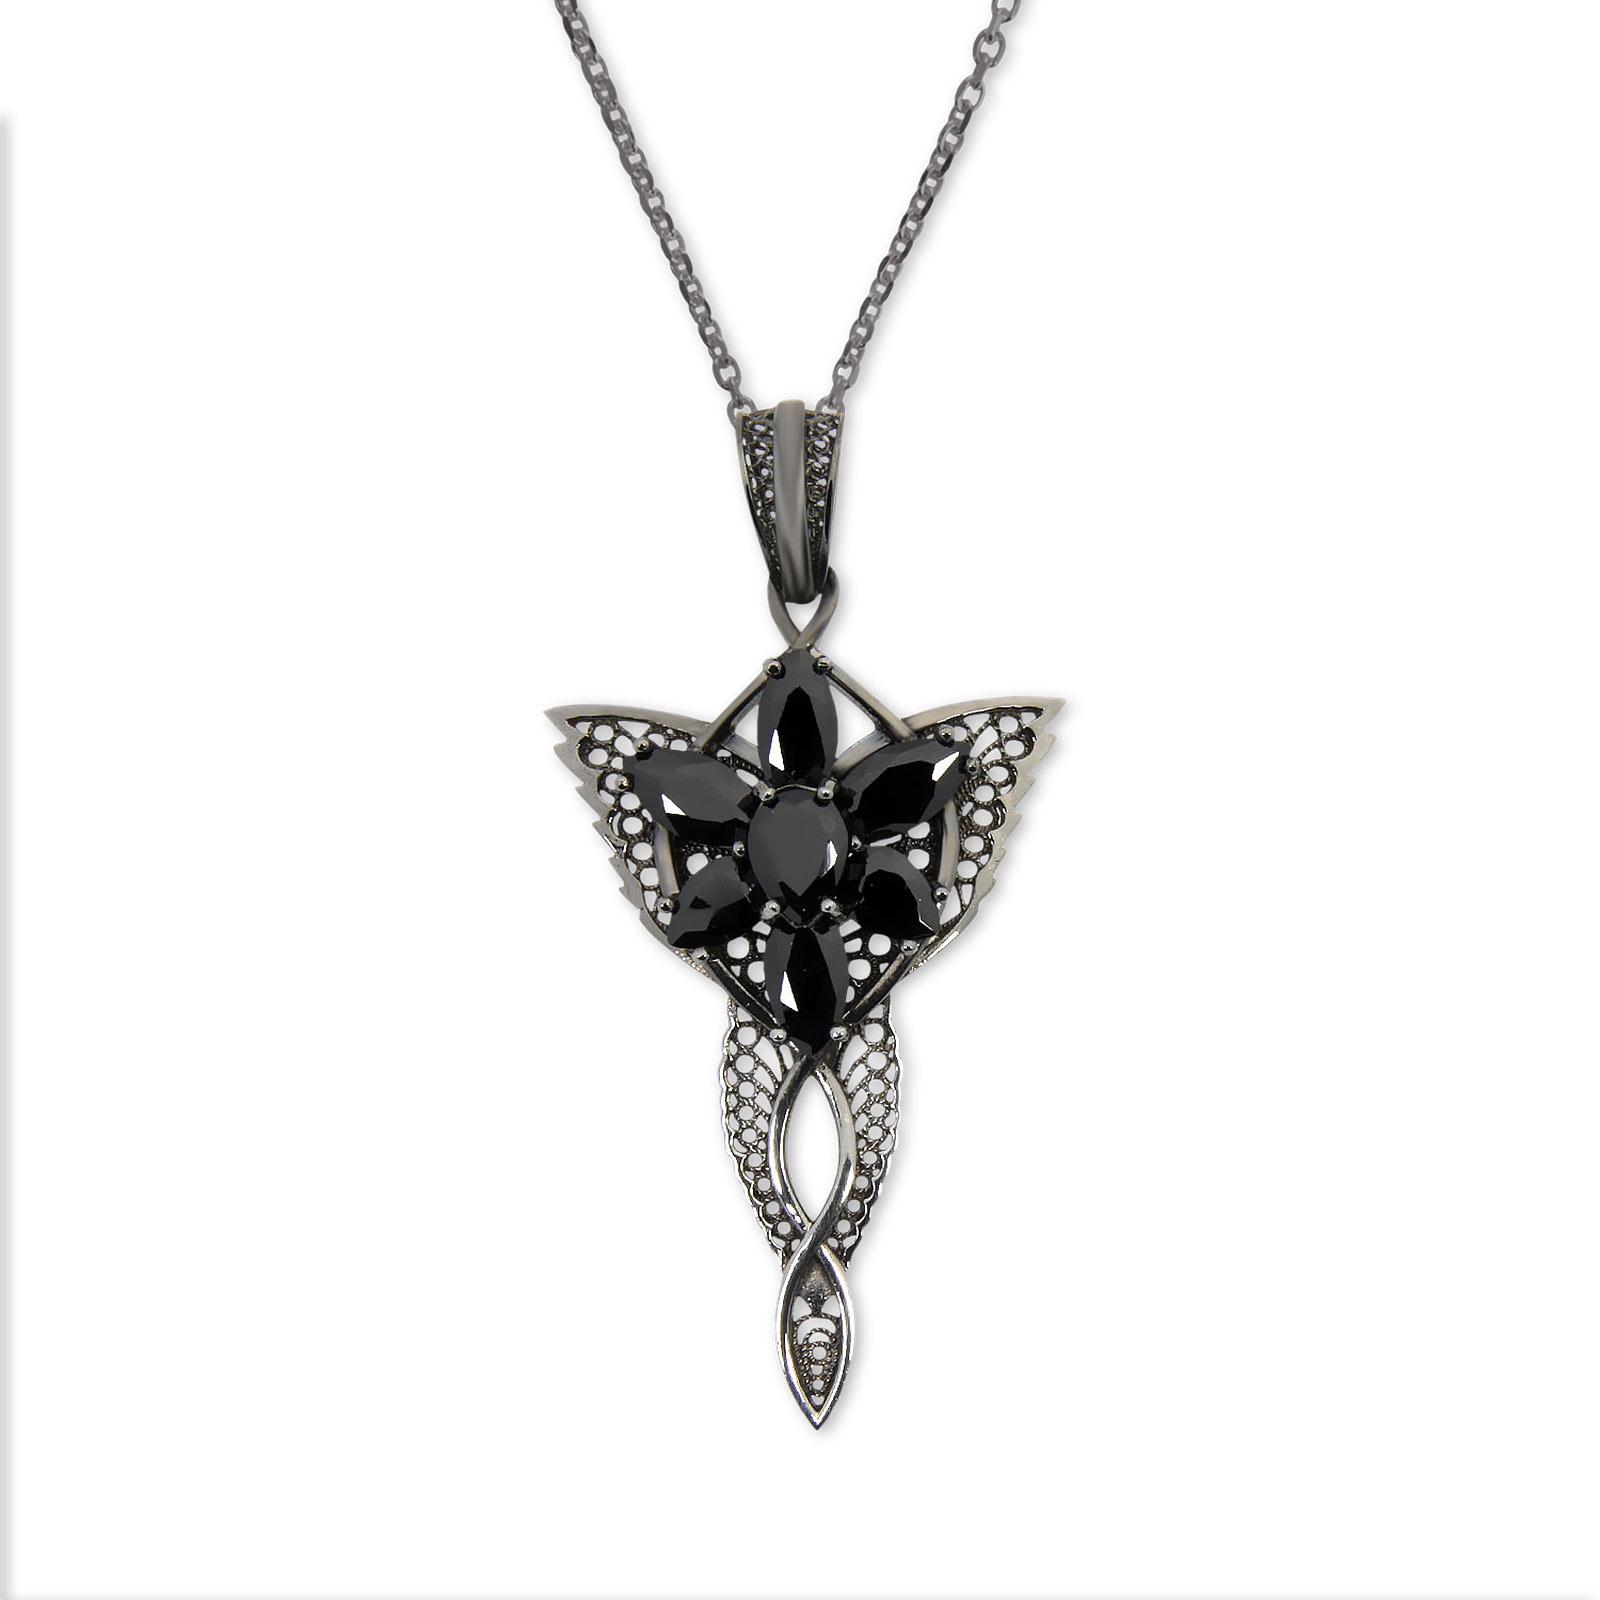 Arwens Abendstern Filigran mit Collierkette schwarz Dark Years Collection